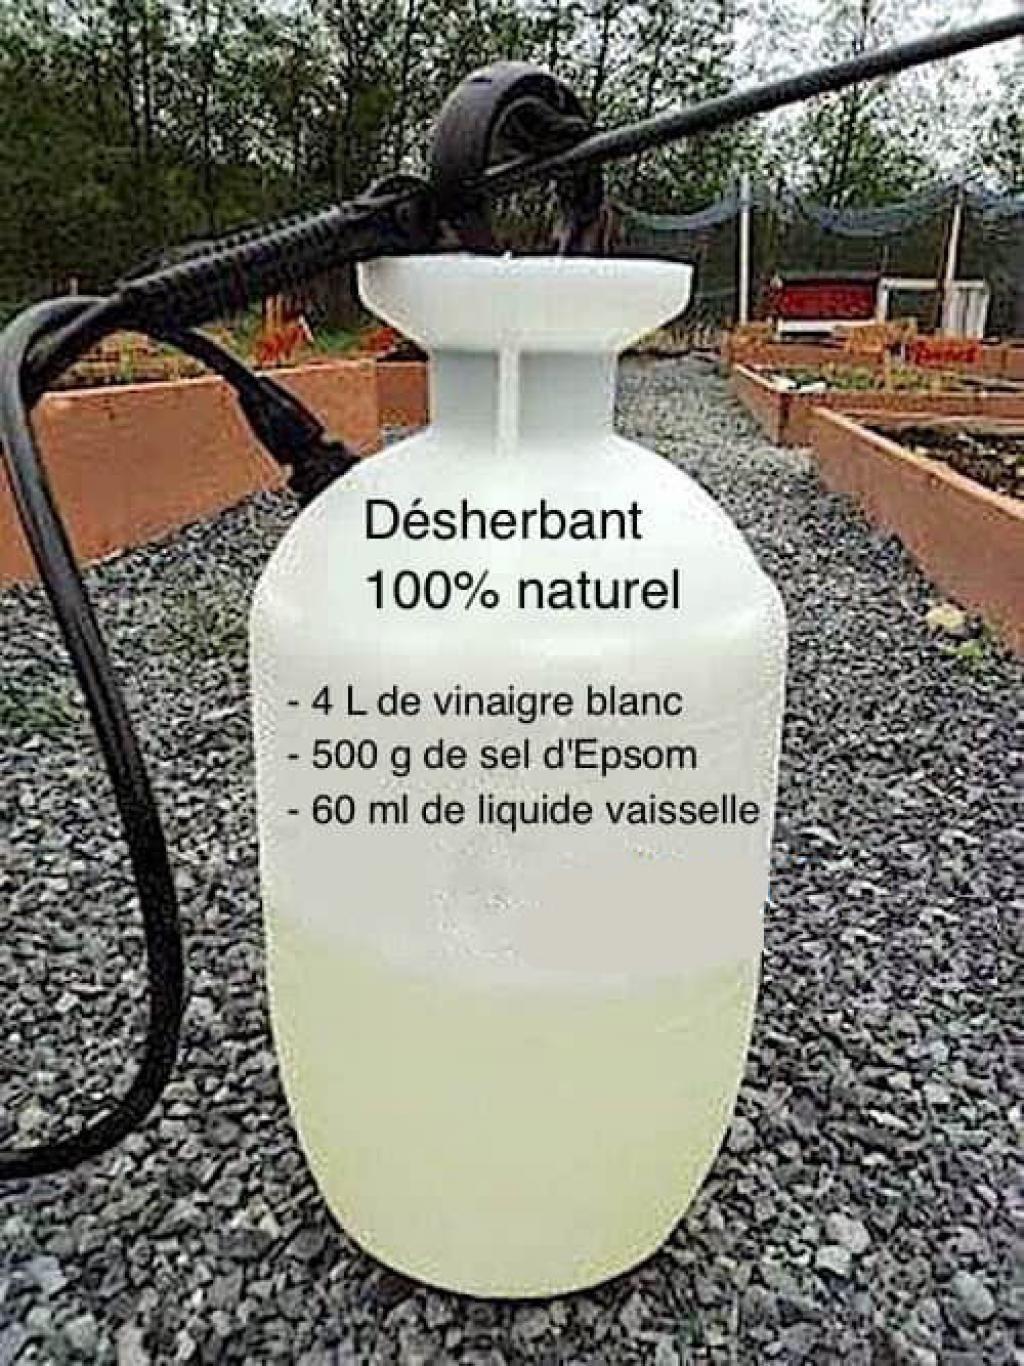 Plus besoin d 39 acheter de d sherbant chimique utilisez plut t ce d sherbant 100 naturel - Cristaux de soude et vinaigre blanc ...